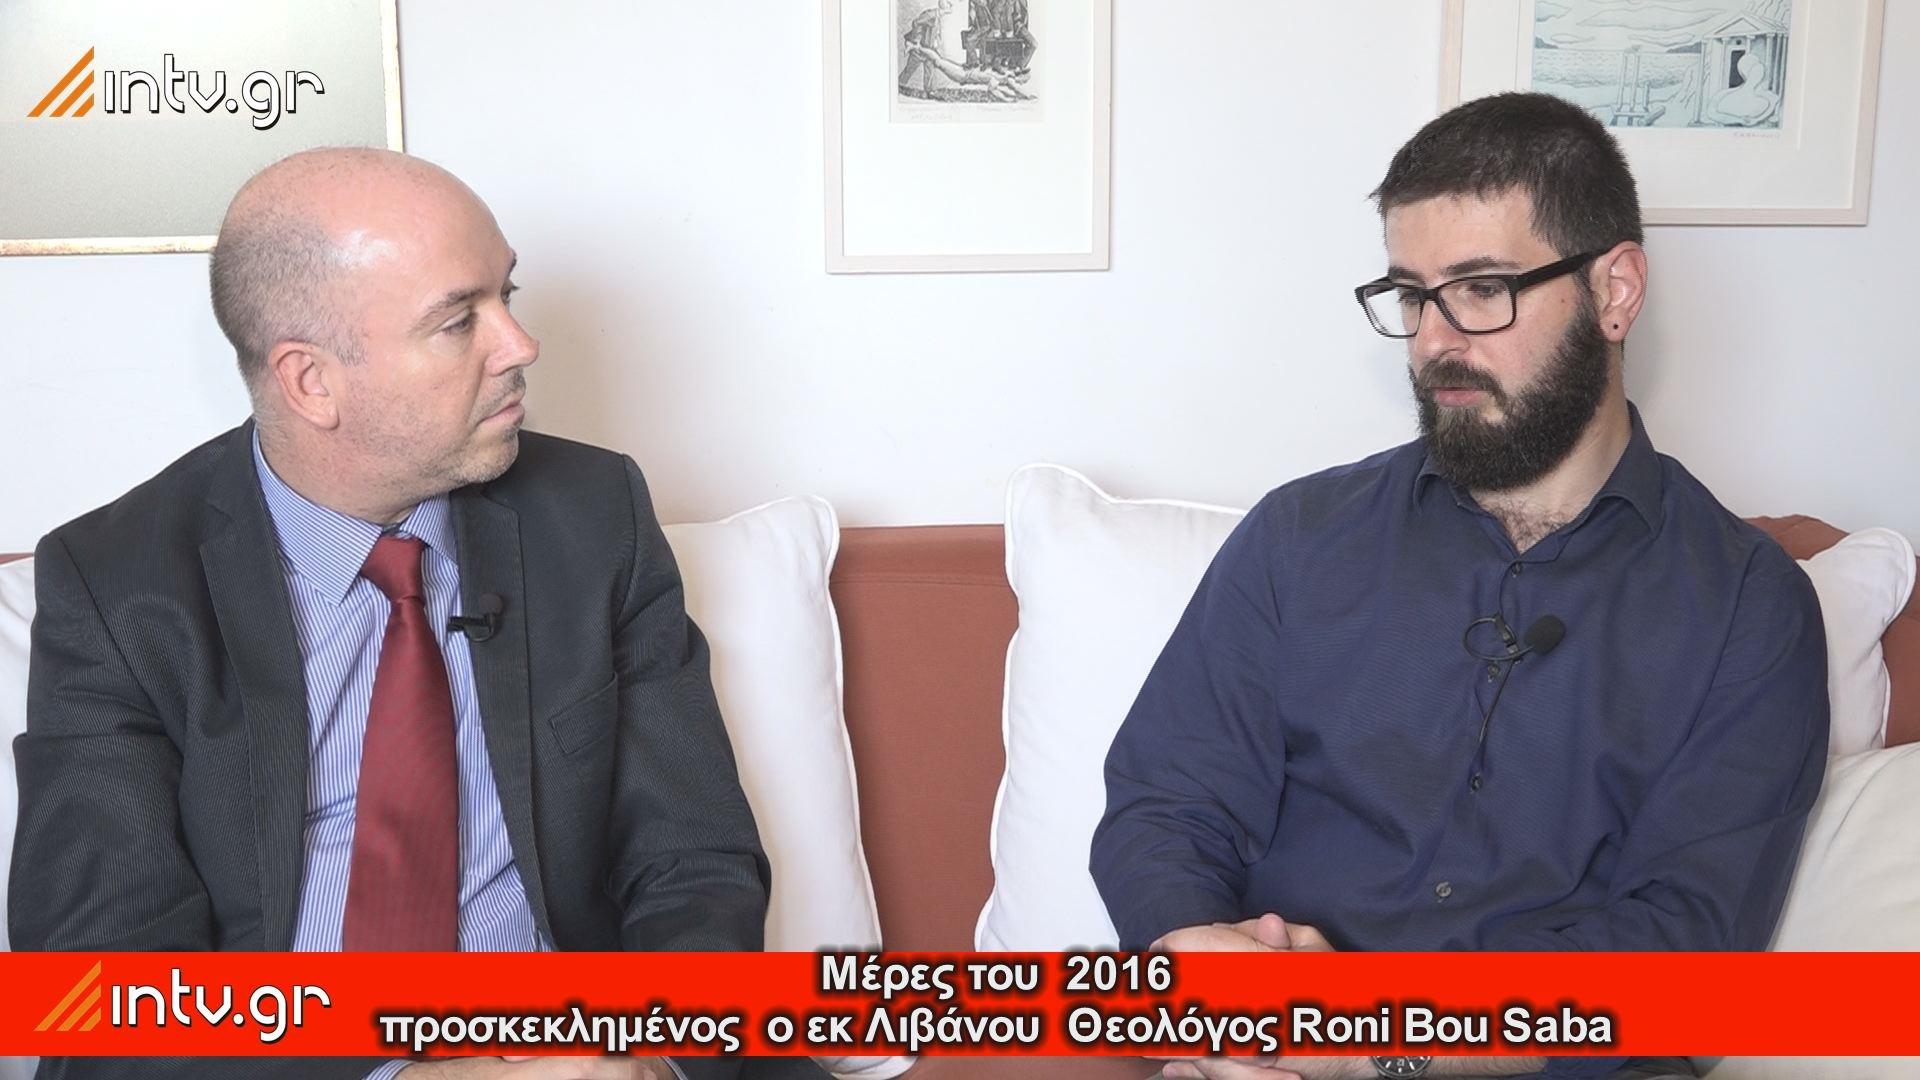 Μέρες του  2016 - προσκεκλημένος  ο εκ Λιβάνου  Θεολόγος Roni Bou Saba